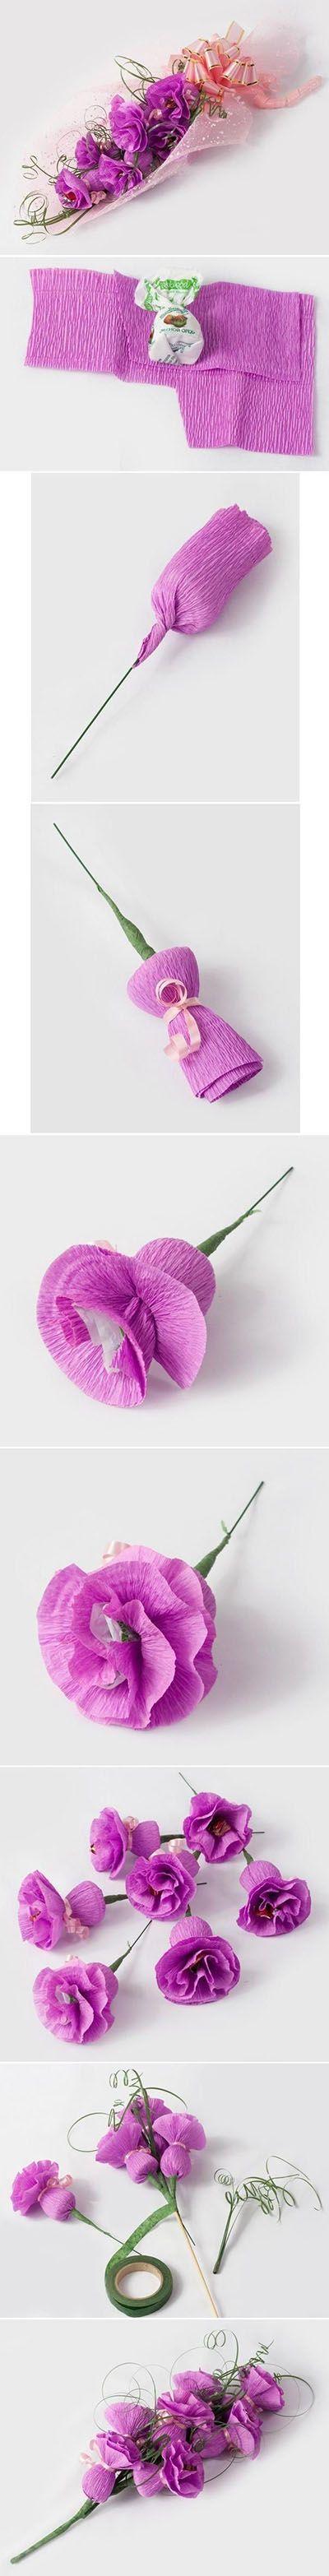 Proste Instrukcje Dzieki Ktorym Zrobisz Fascynujace Kwiaty Z Papieru Flower Crafts Diy Flowers Paper Flowers